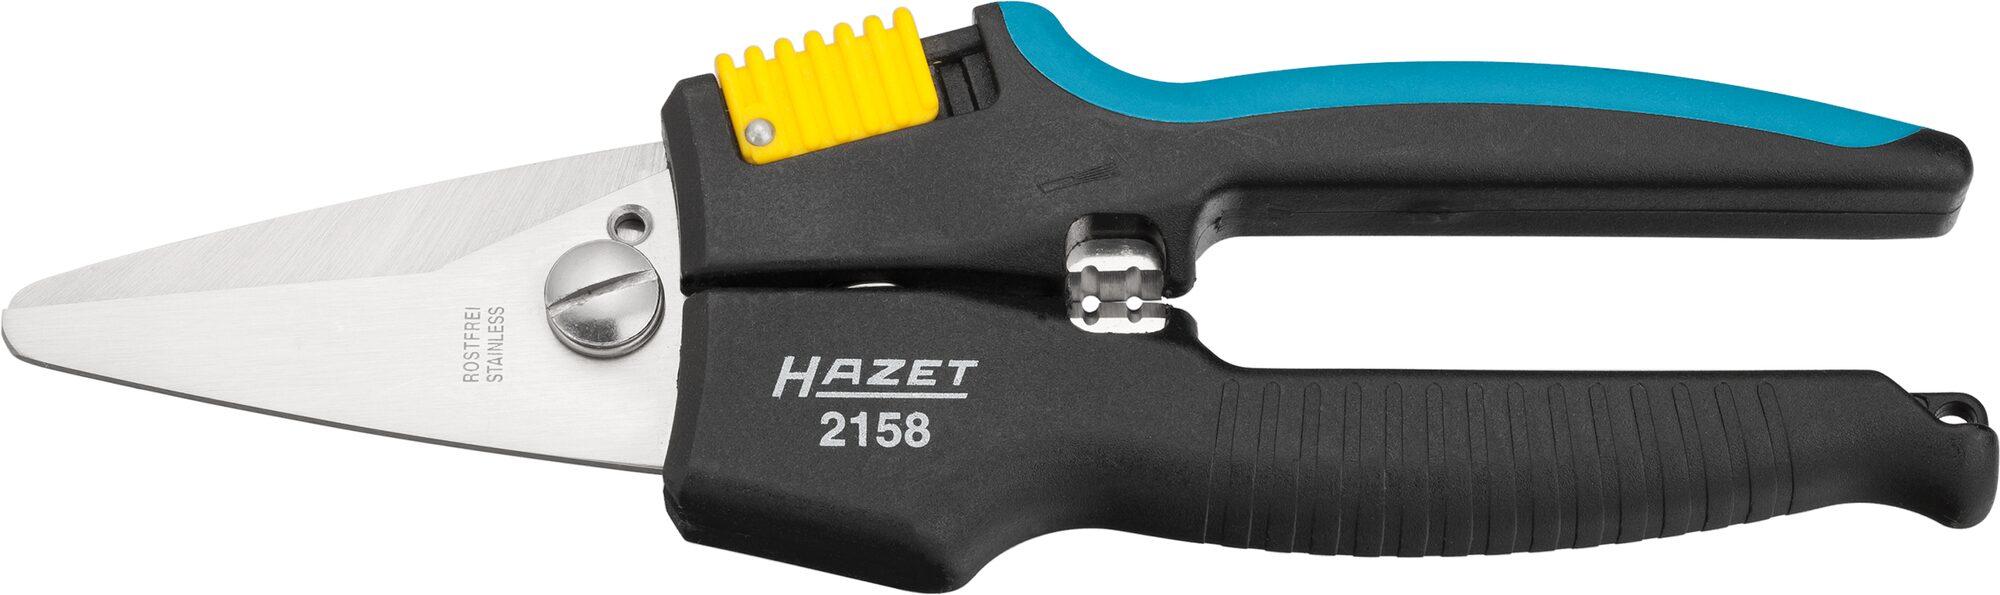 HAZET Universal Schere 2158